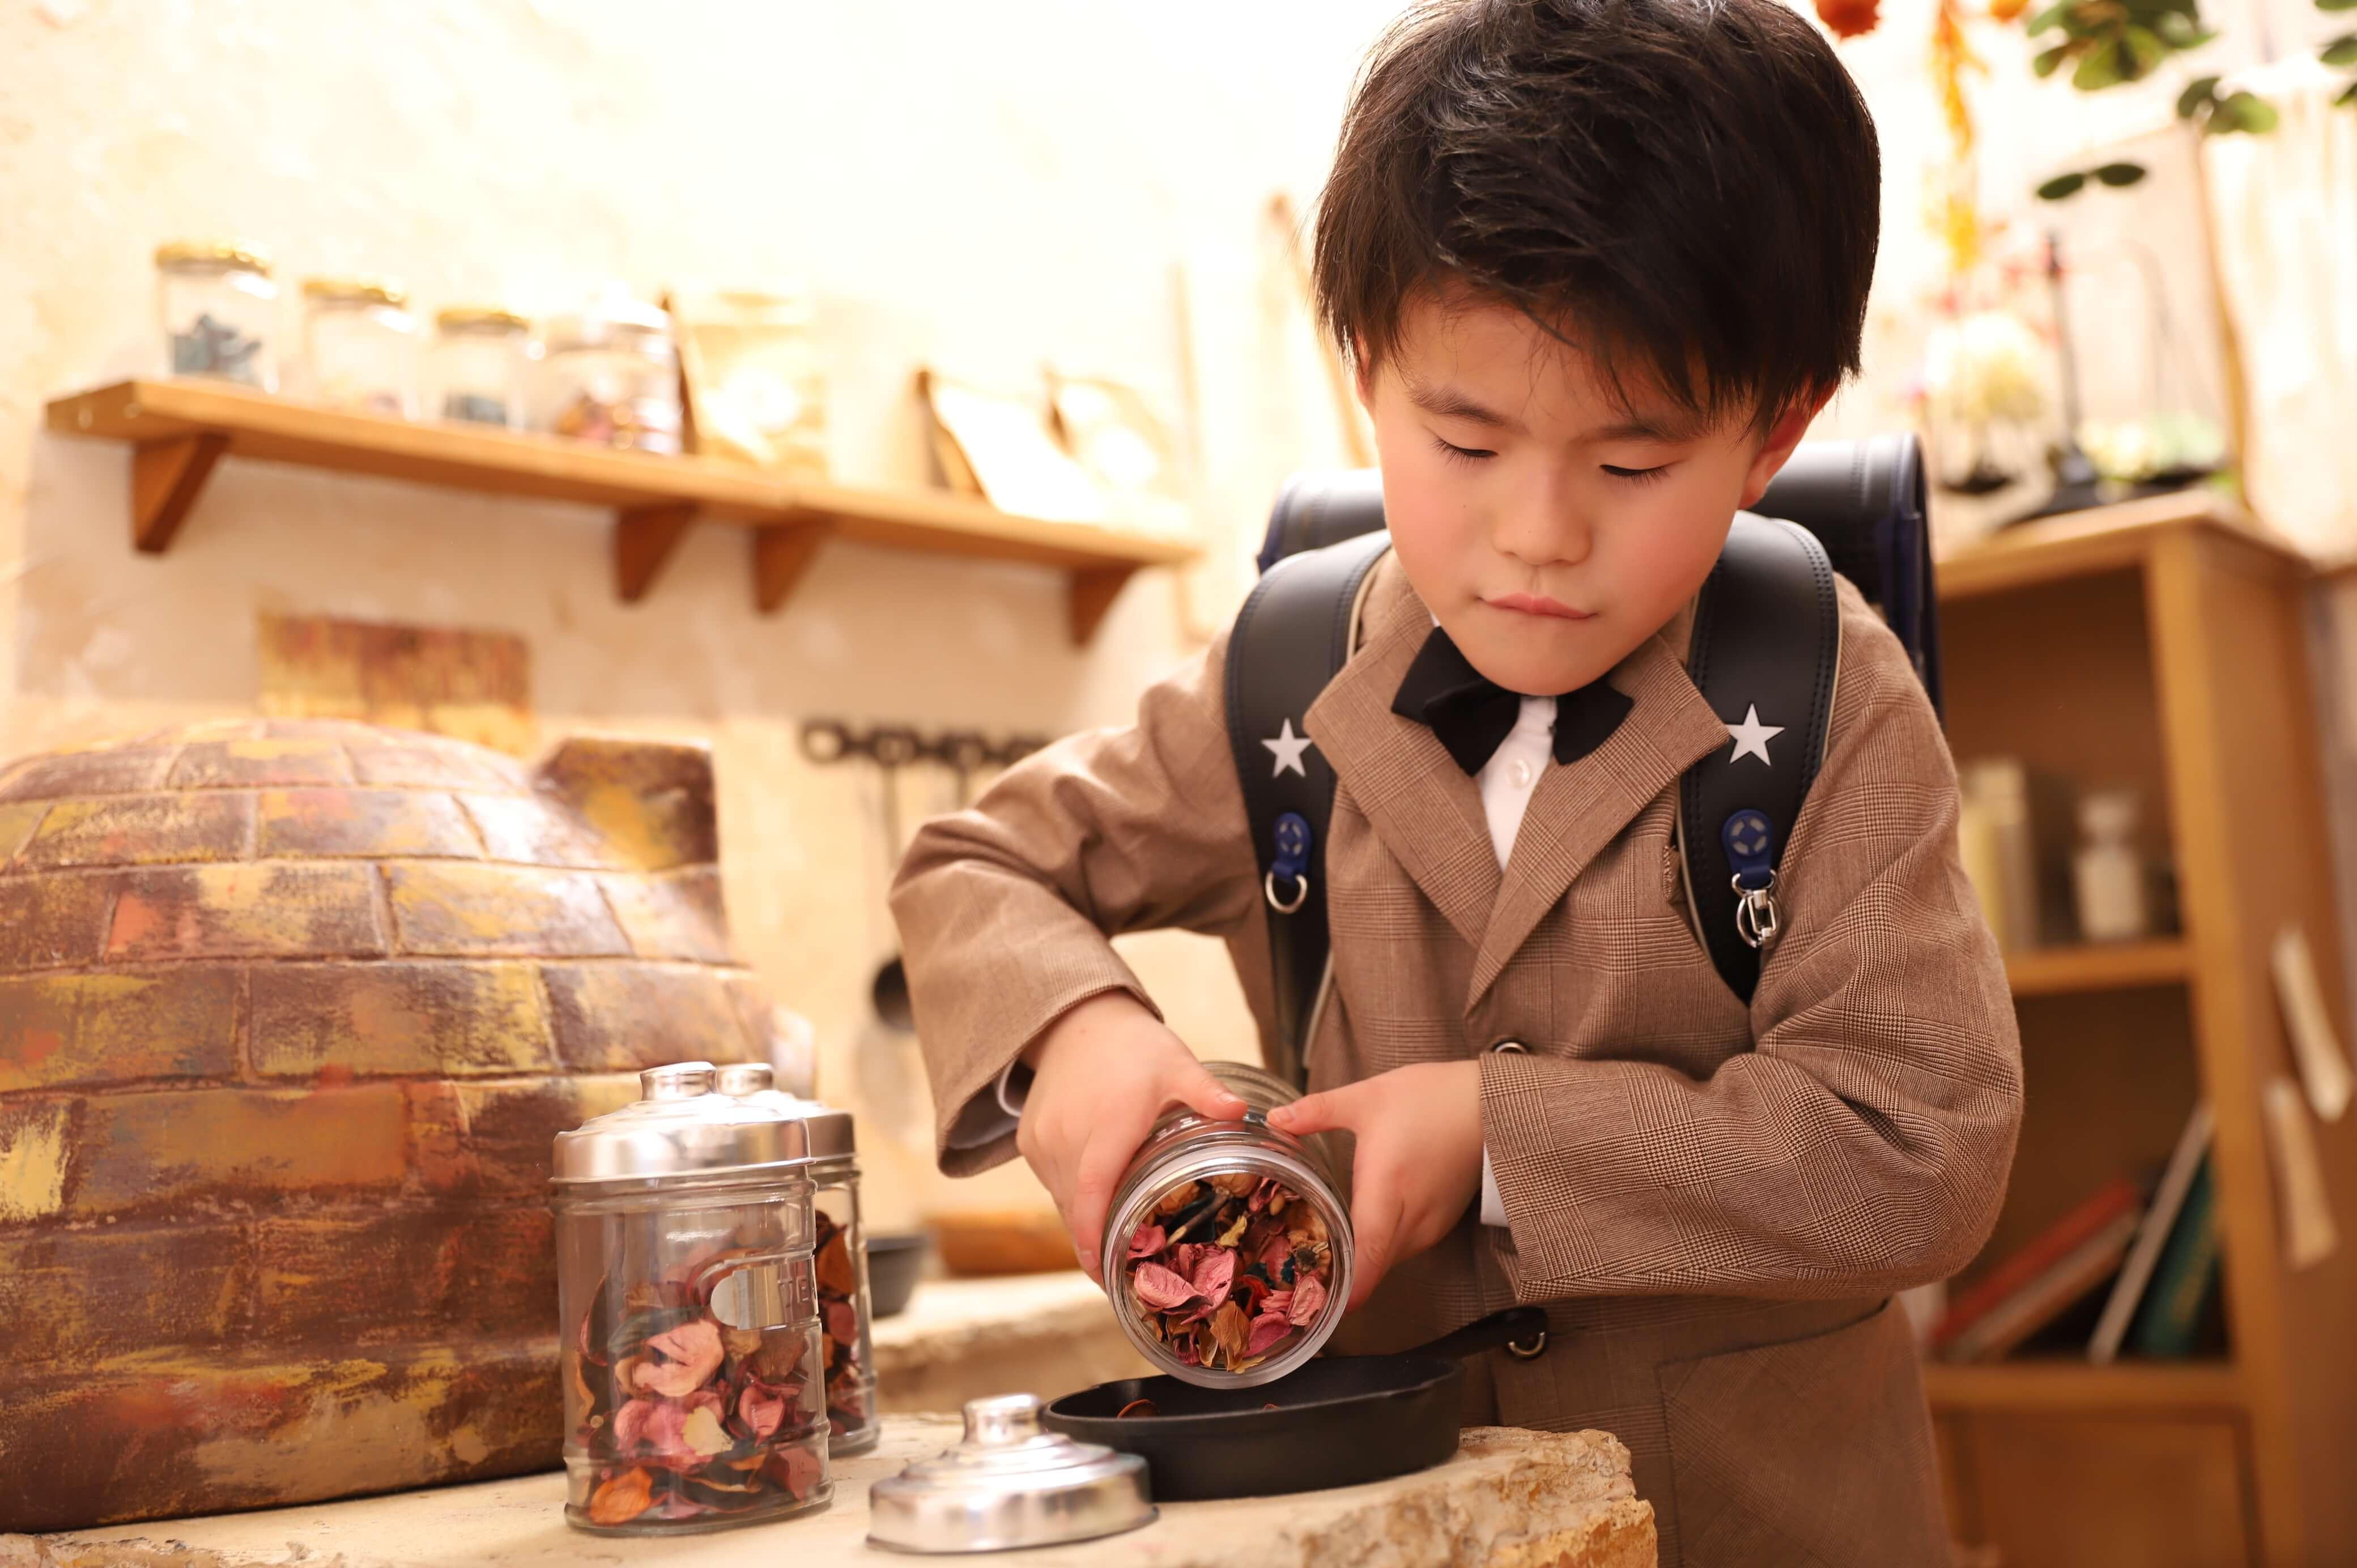 入学記念でお越しの「るいとくん」のお写真紹介!